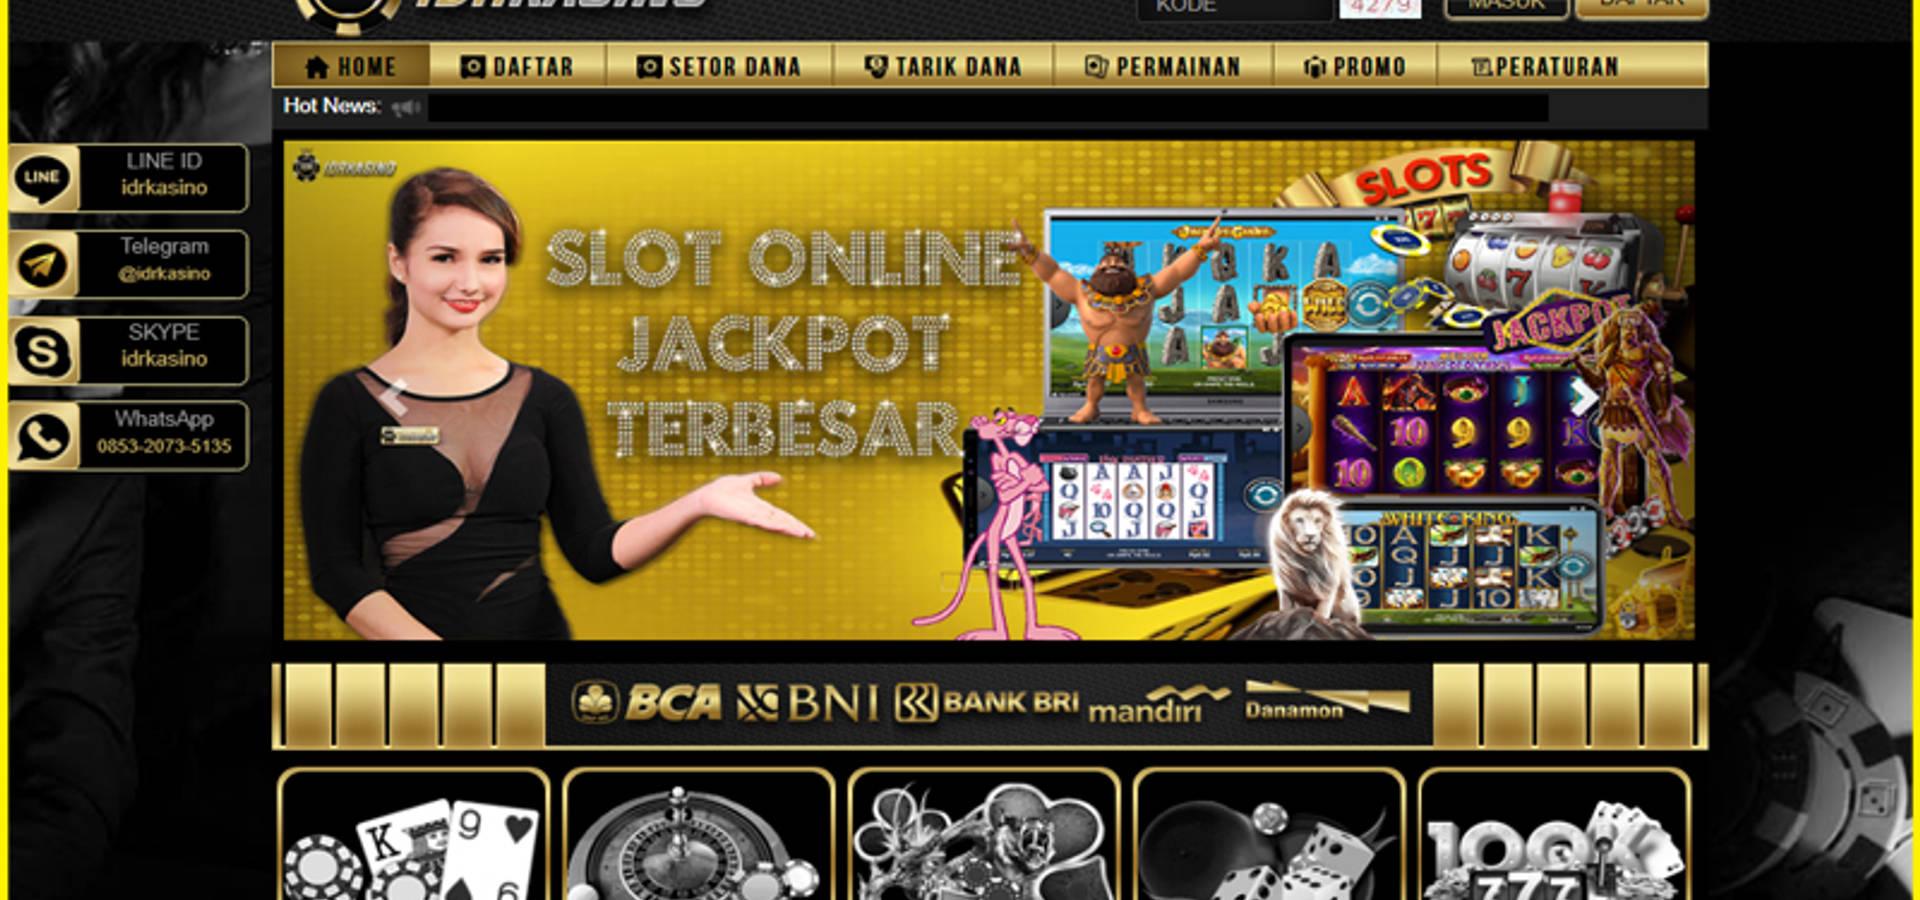 Kumpulan Situs Judi Slot Online Terpercaya 2020 2021 Homify